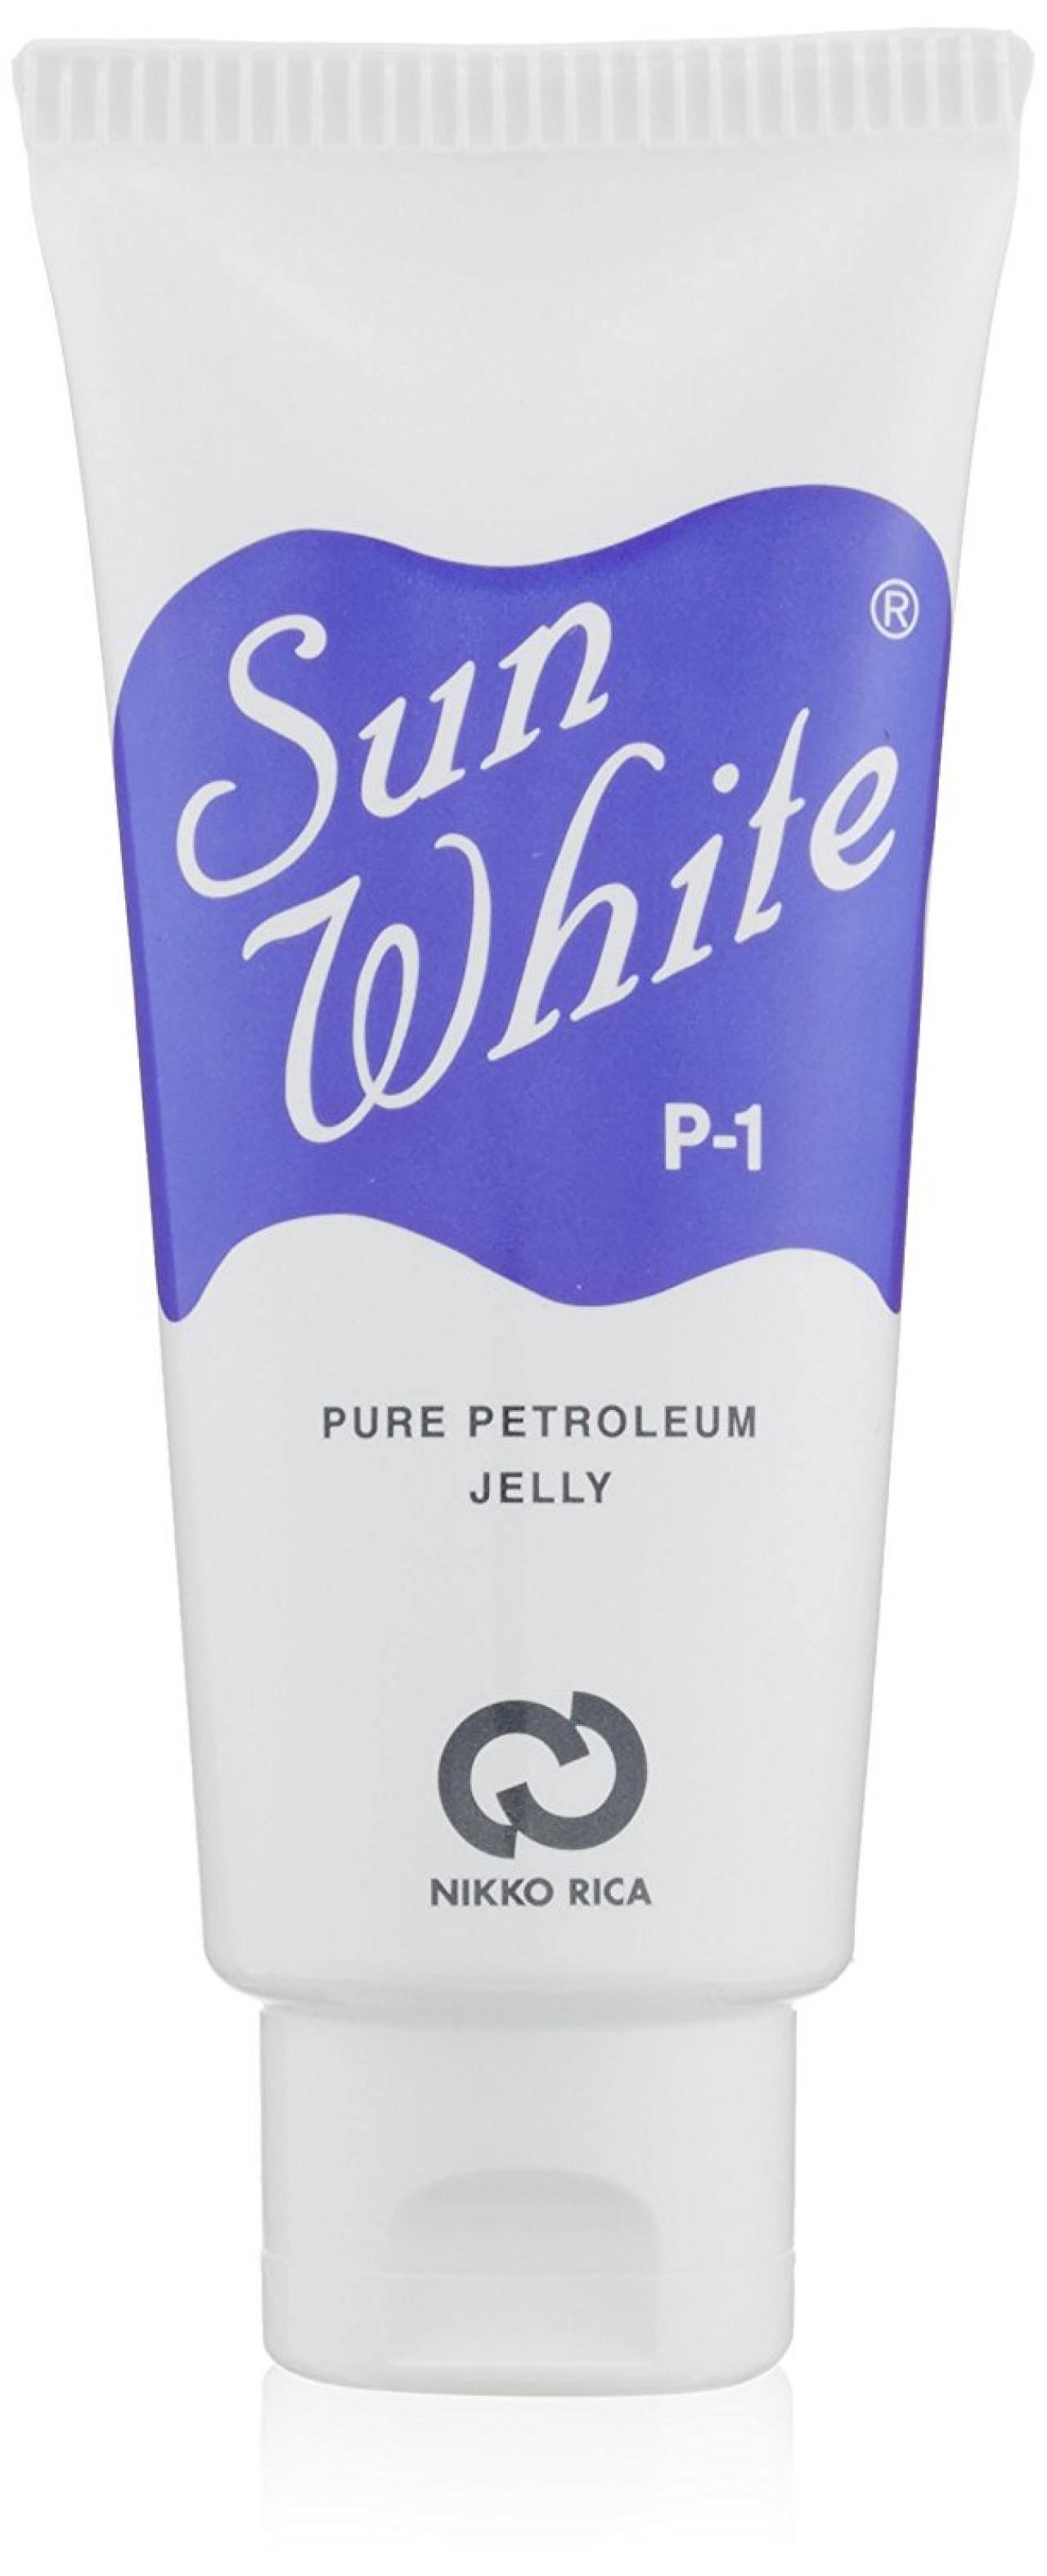 サンホワイト サンホワイトP-1